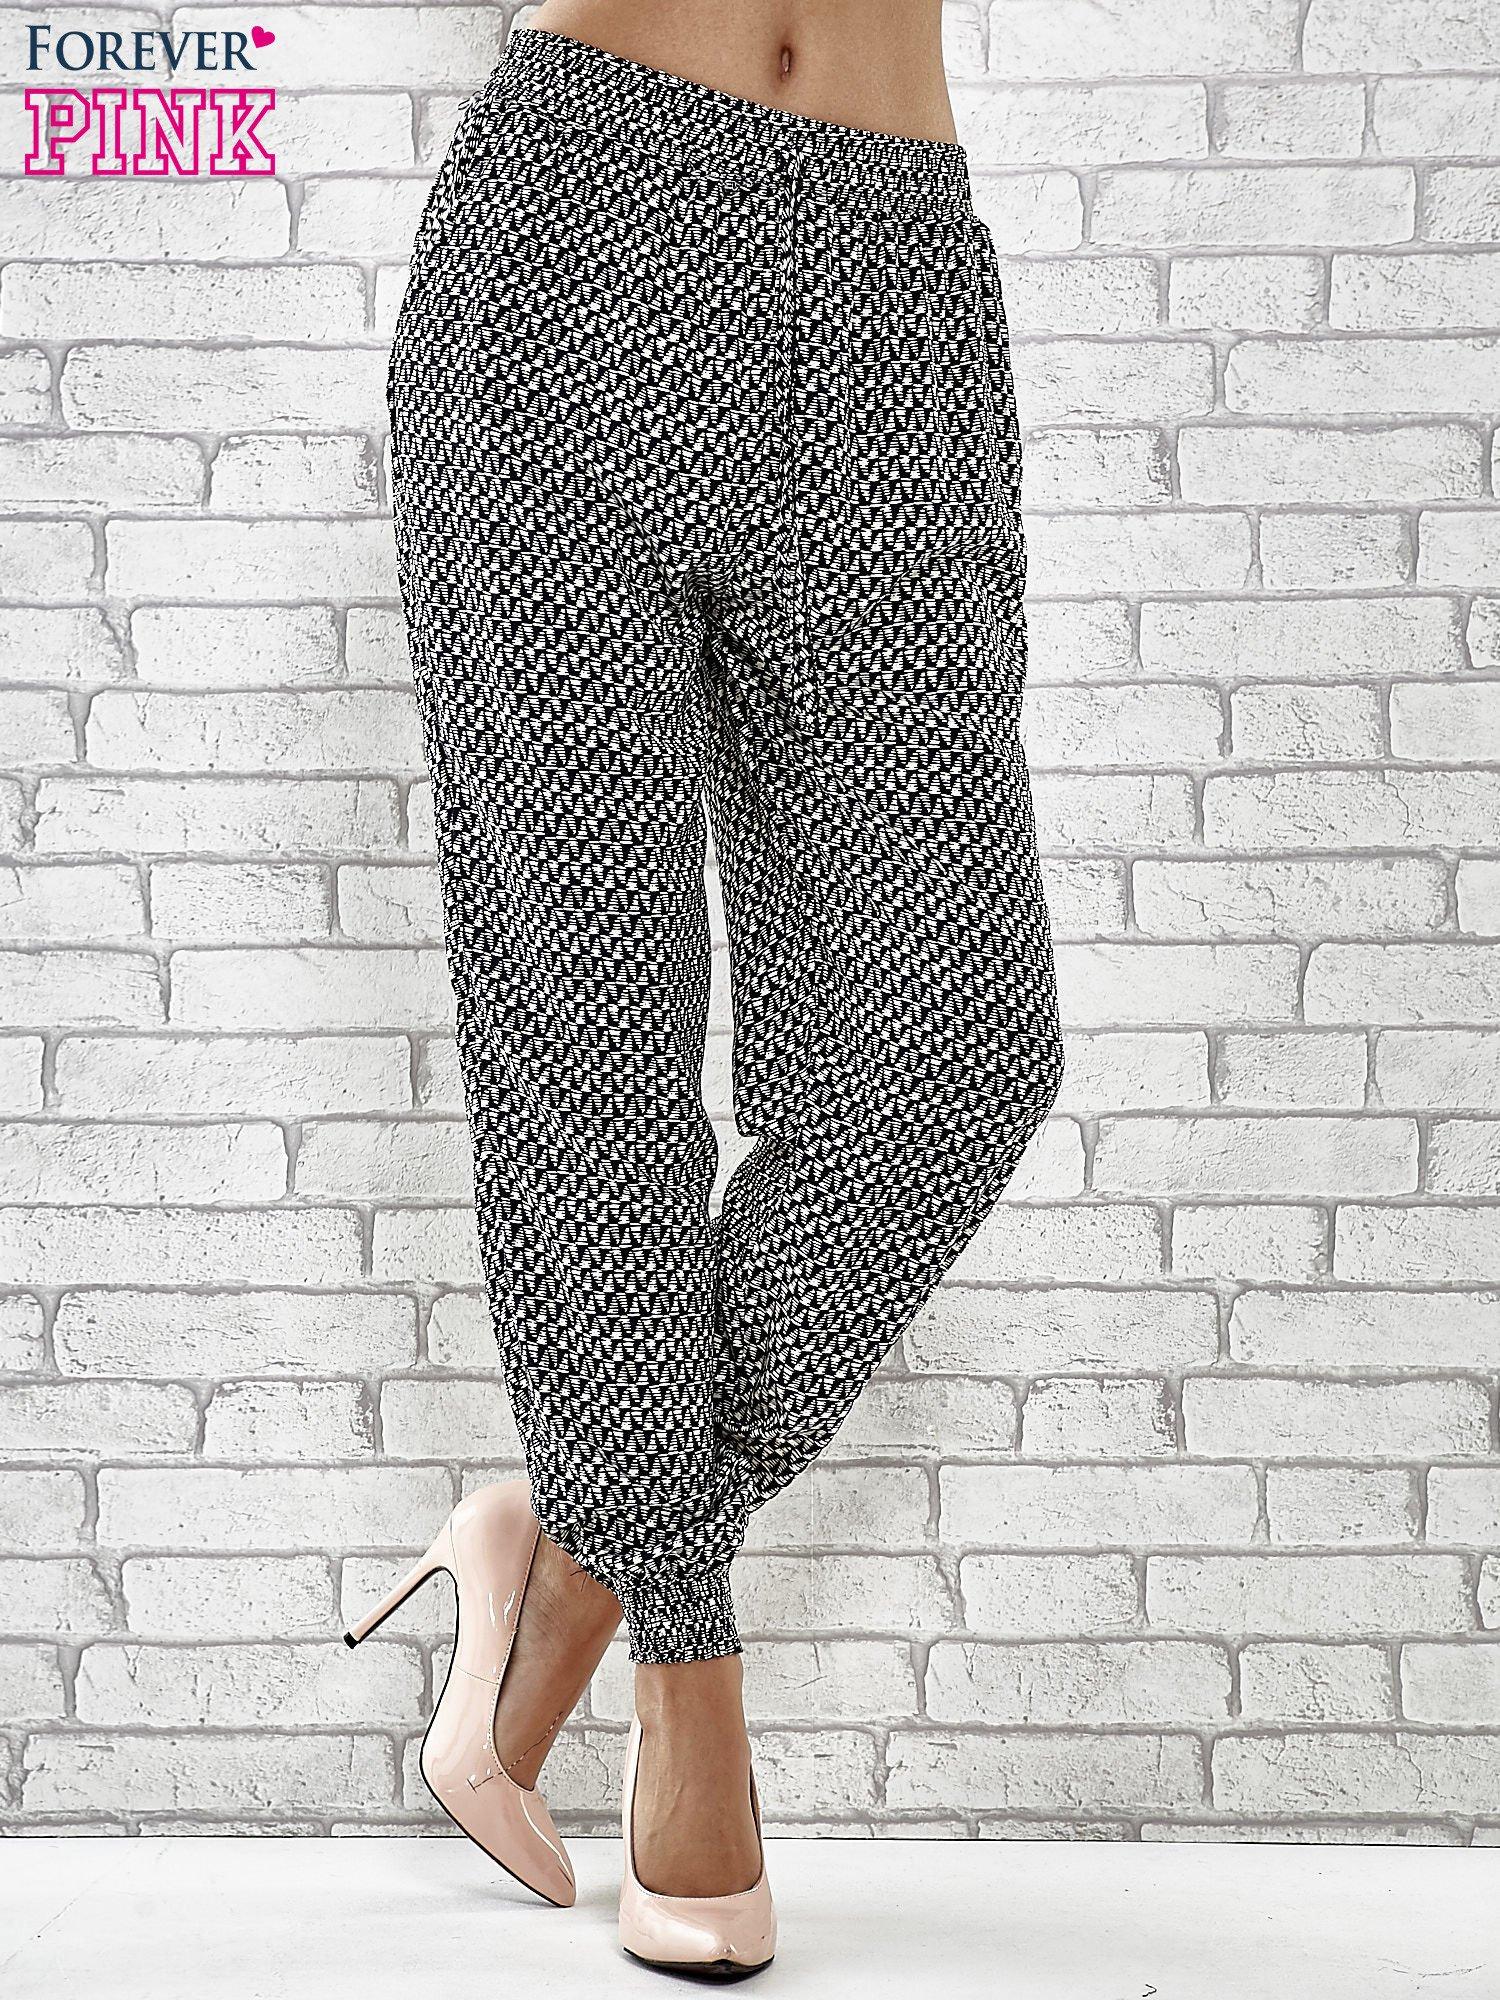 Granatowe zwiewne spodnie alladynki w drobny wzór geometryczny                                  zdj.                                  1